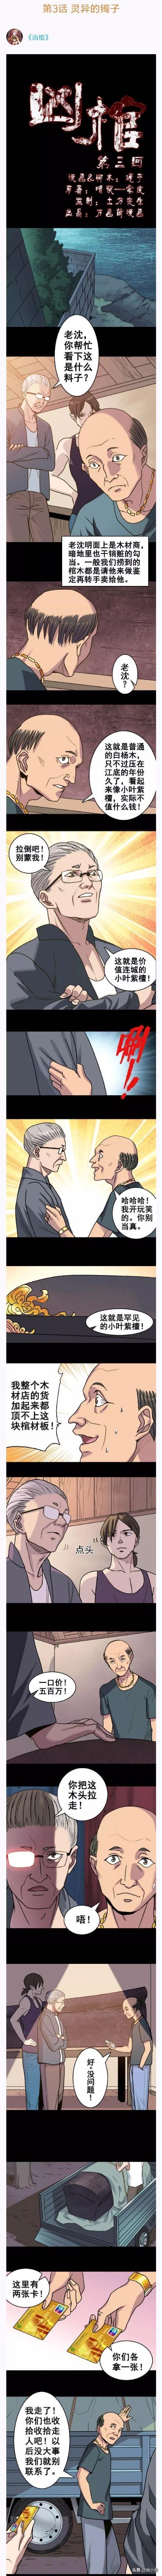 恐怖悬疑惊悚盗墓漫画小说《凶棺》连载-第三章:灵异的镯子